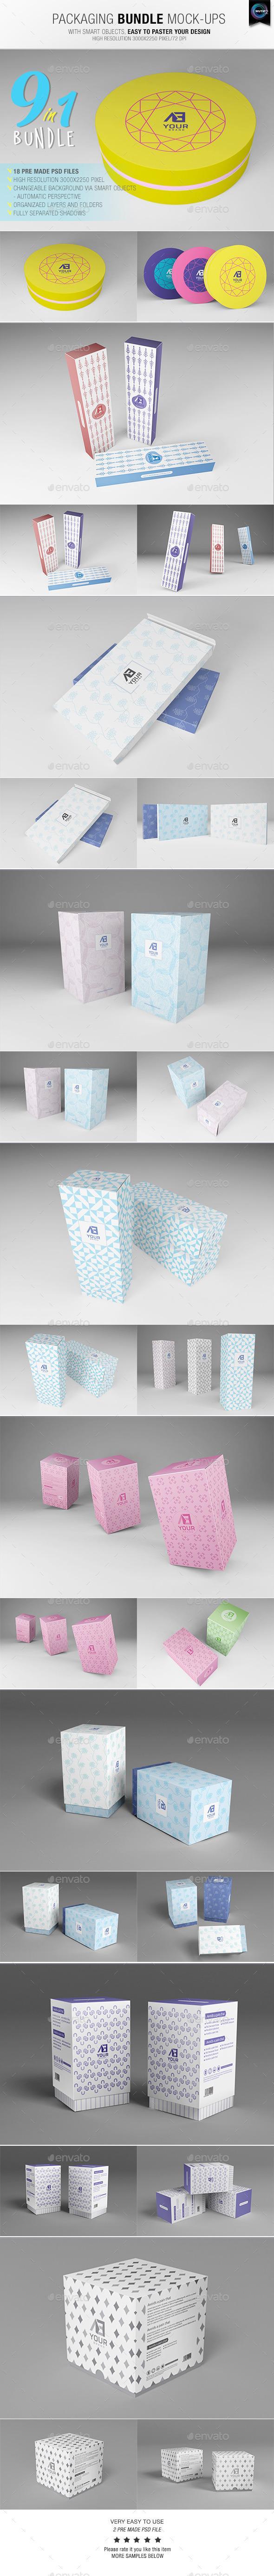 GraphicRiver Packaging Bundle Mock-Ups 10698823